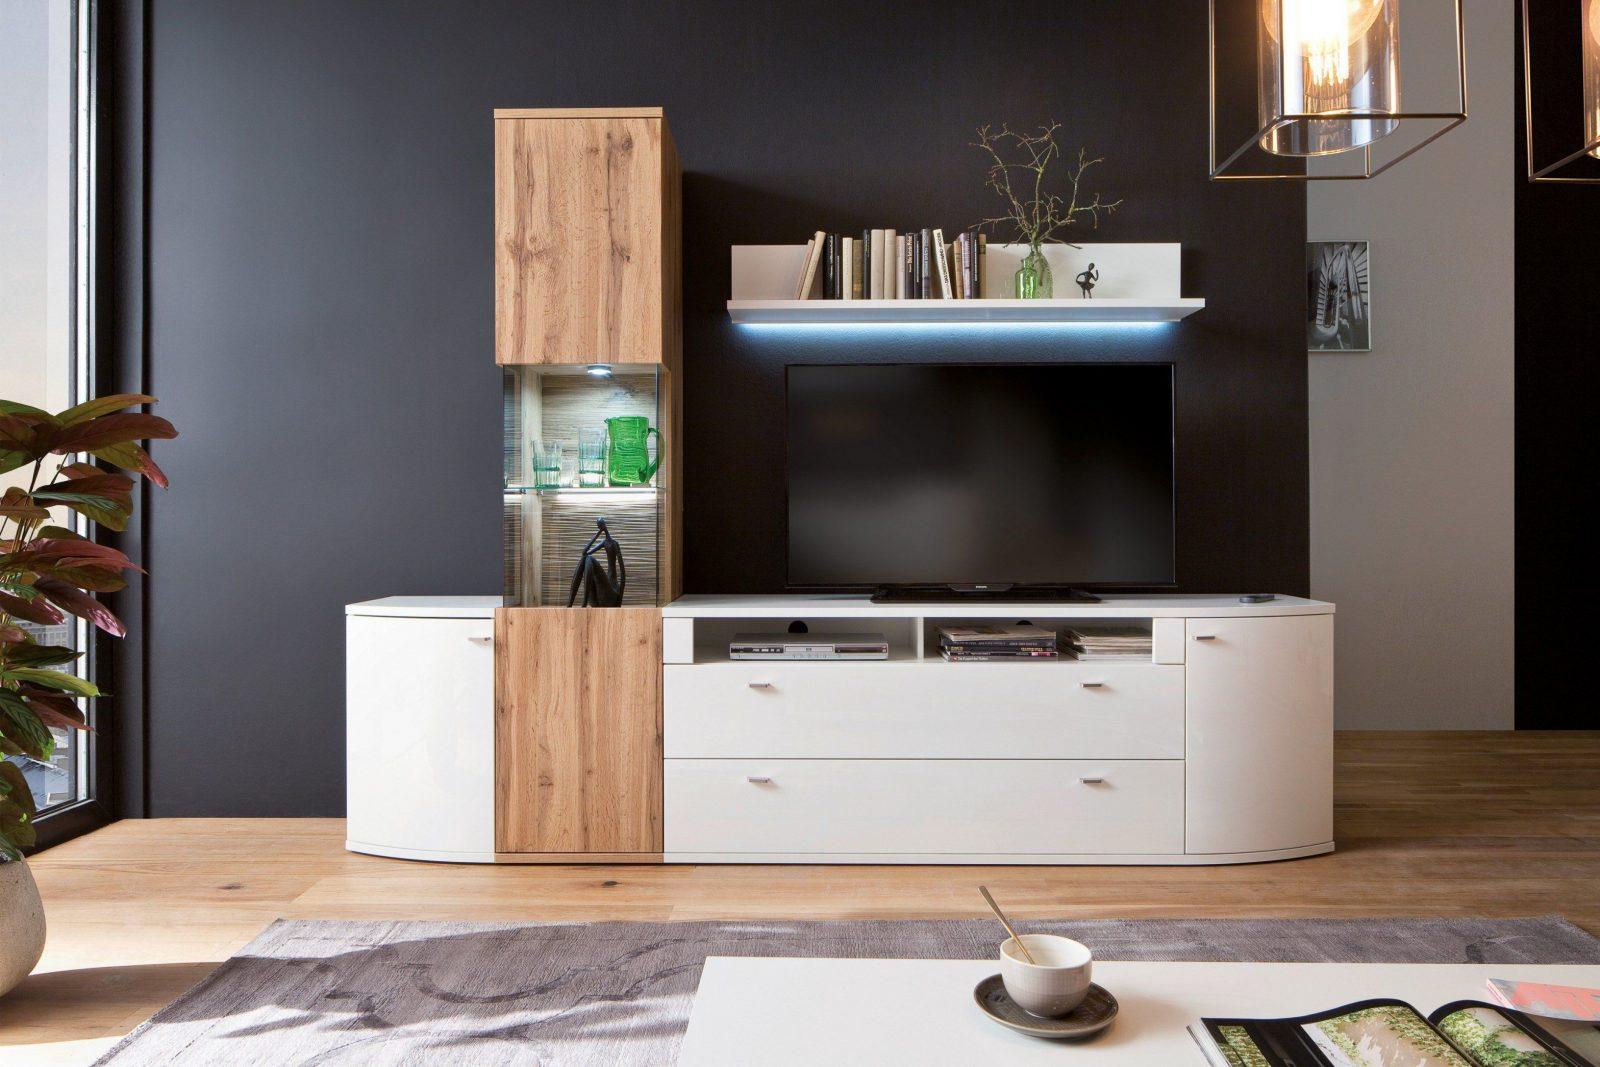 Großartig Wohnwand Auf Raten Wohnwände Günstige Online Kaufen von Wohnwand Auf Raten Kaufen Bild